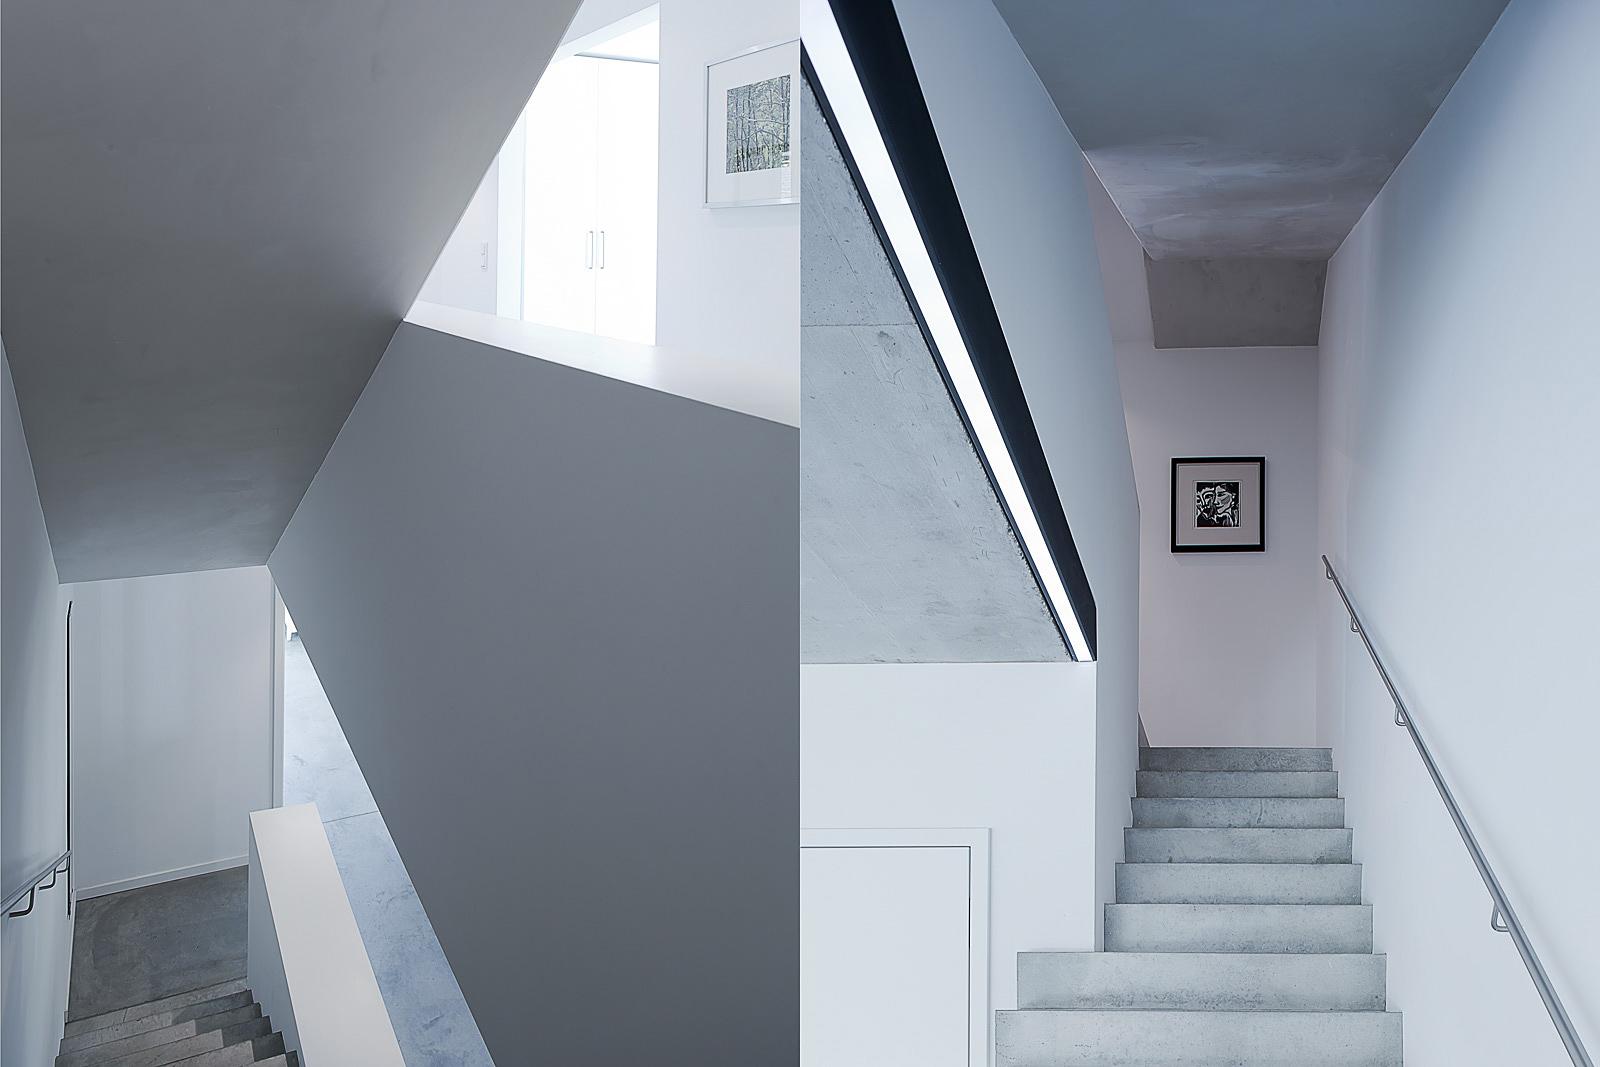 Kutschker & Leischner Architekten, Architekturfotografie Gabriel Büchelmeier